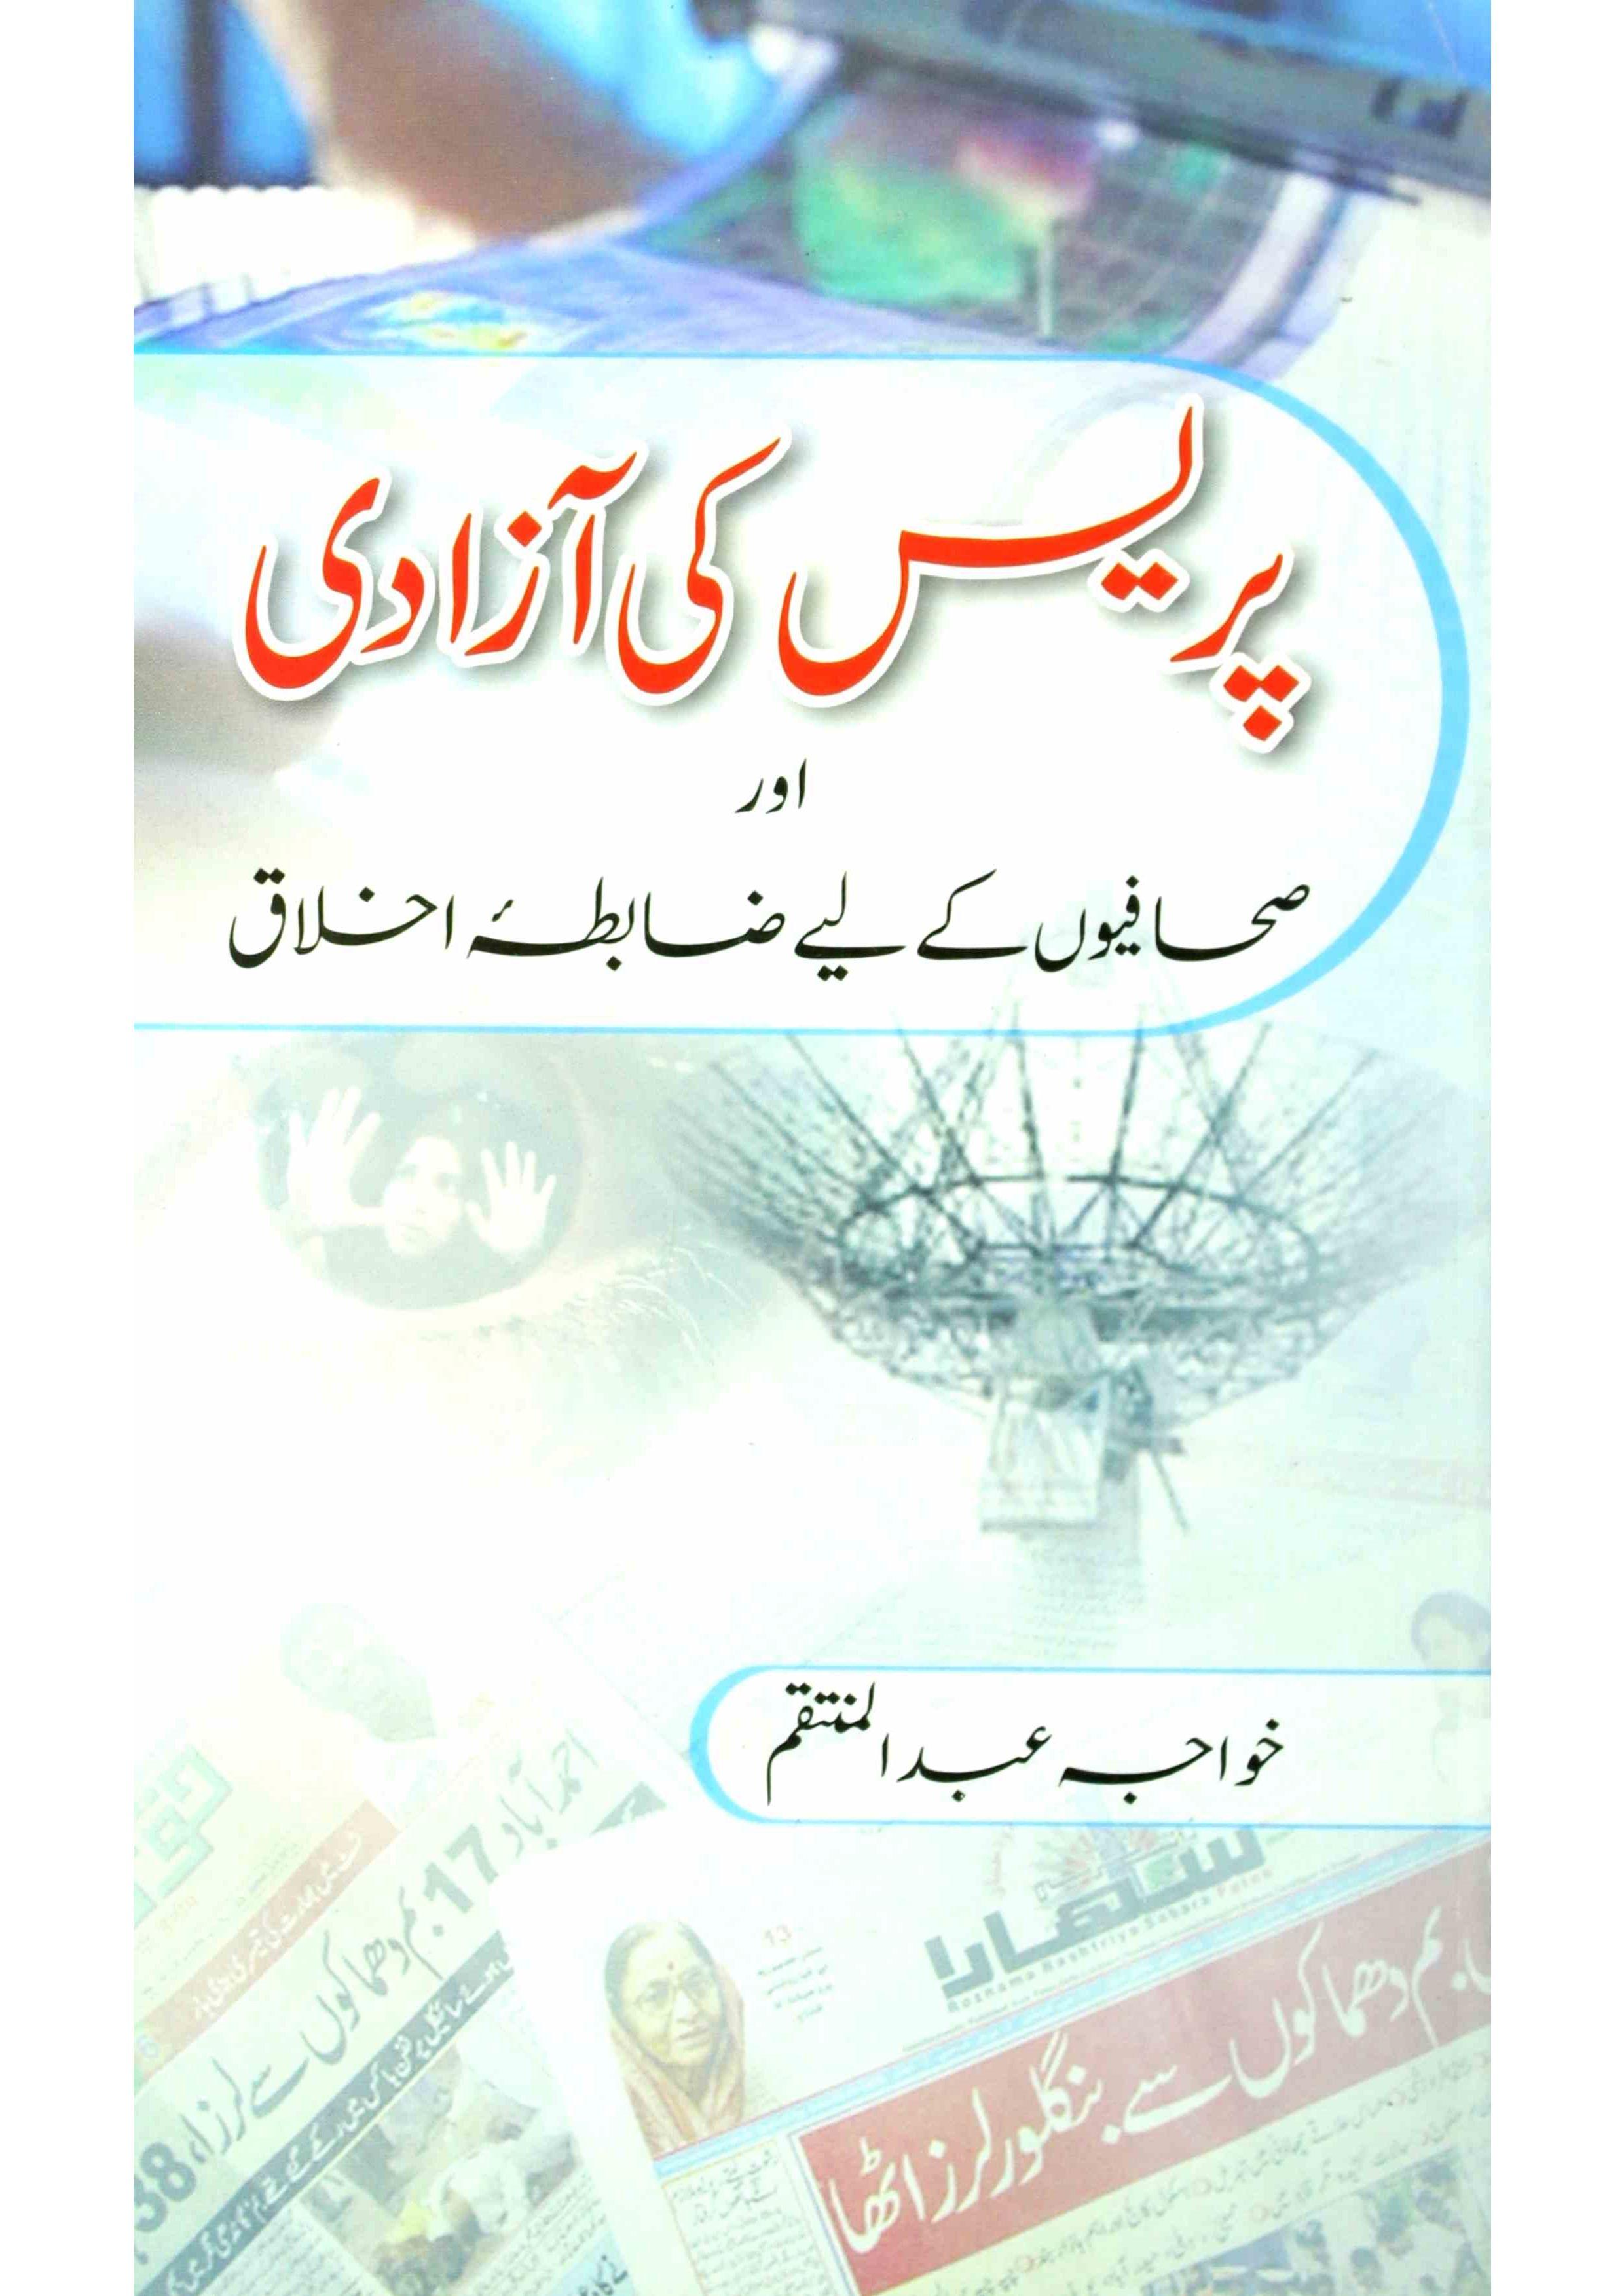 Press Ki Azadi Aur Sahafiyon Ke Liye Zabita-e-Akhlaq